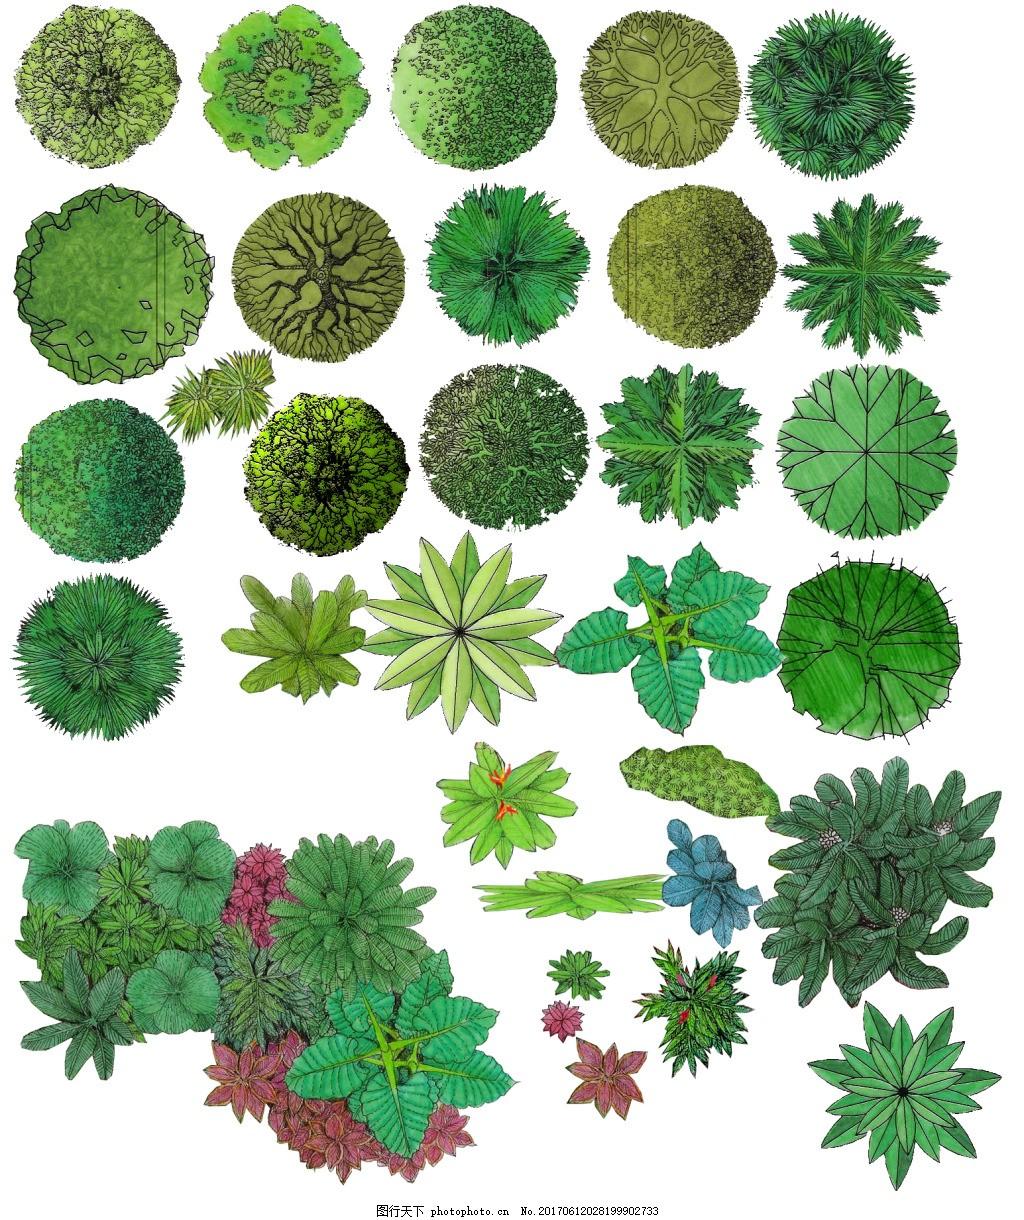 植物平面图素材--乔木 (9)